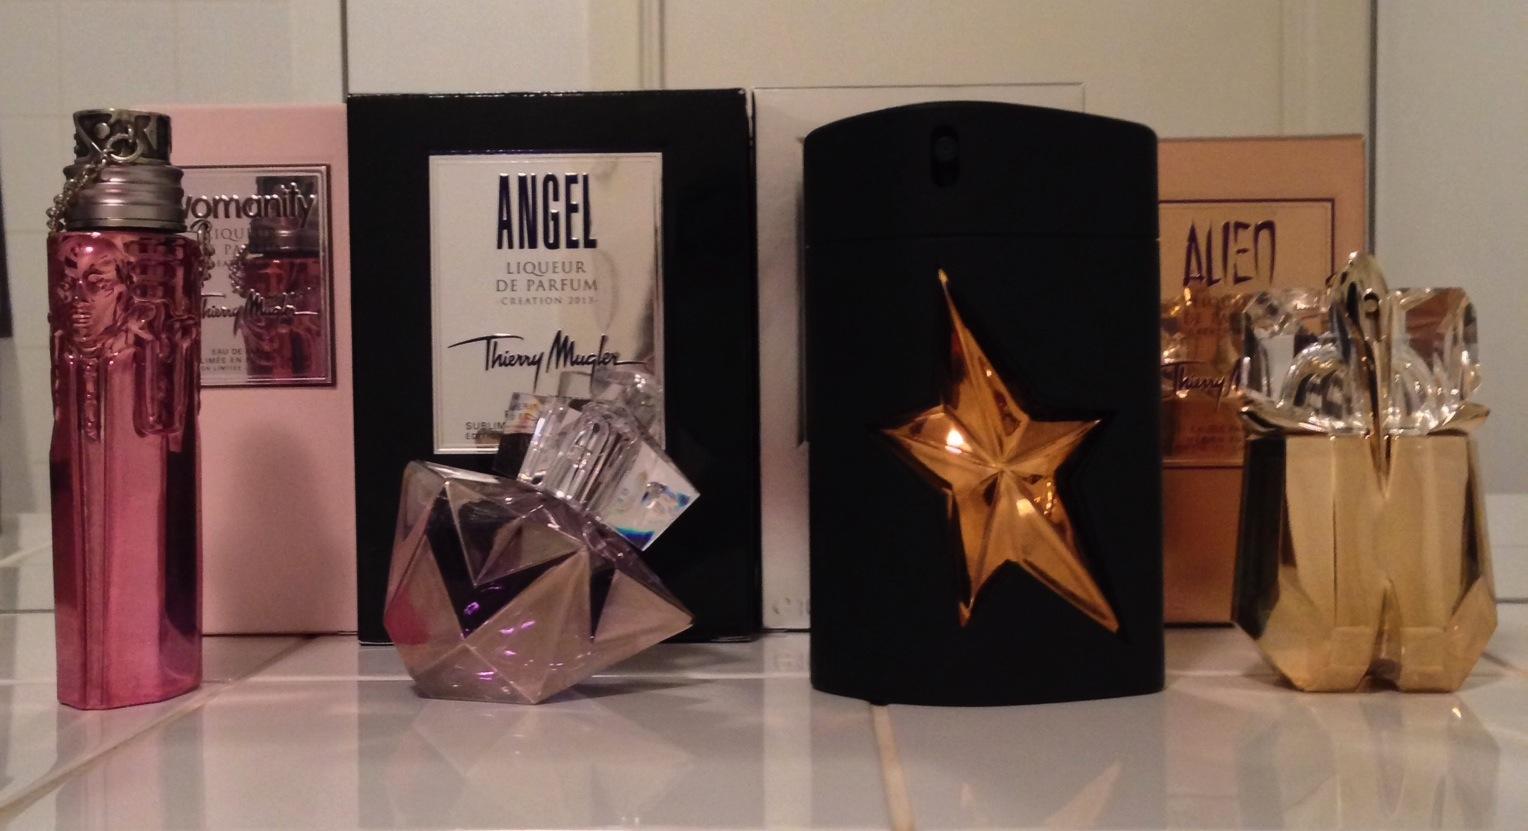 Womanity liqueur de parfum the candy perfume boy for Miroir des envies thierry mugler